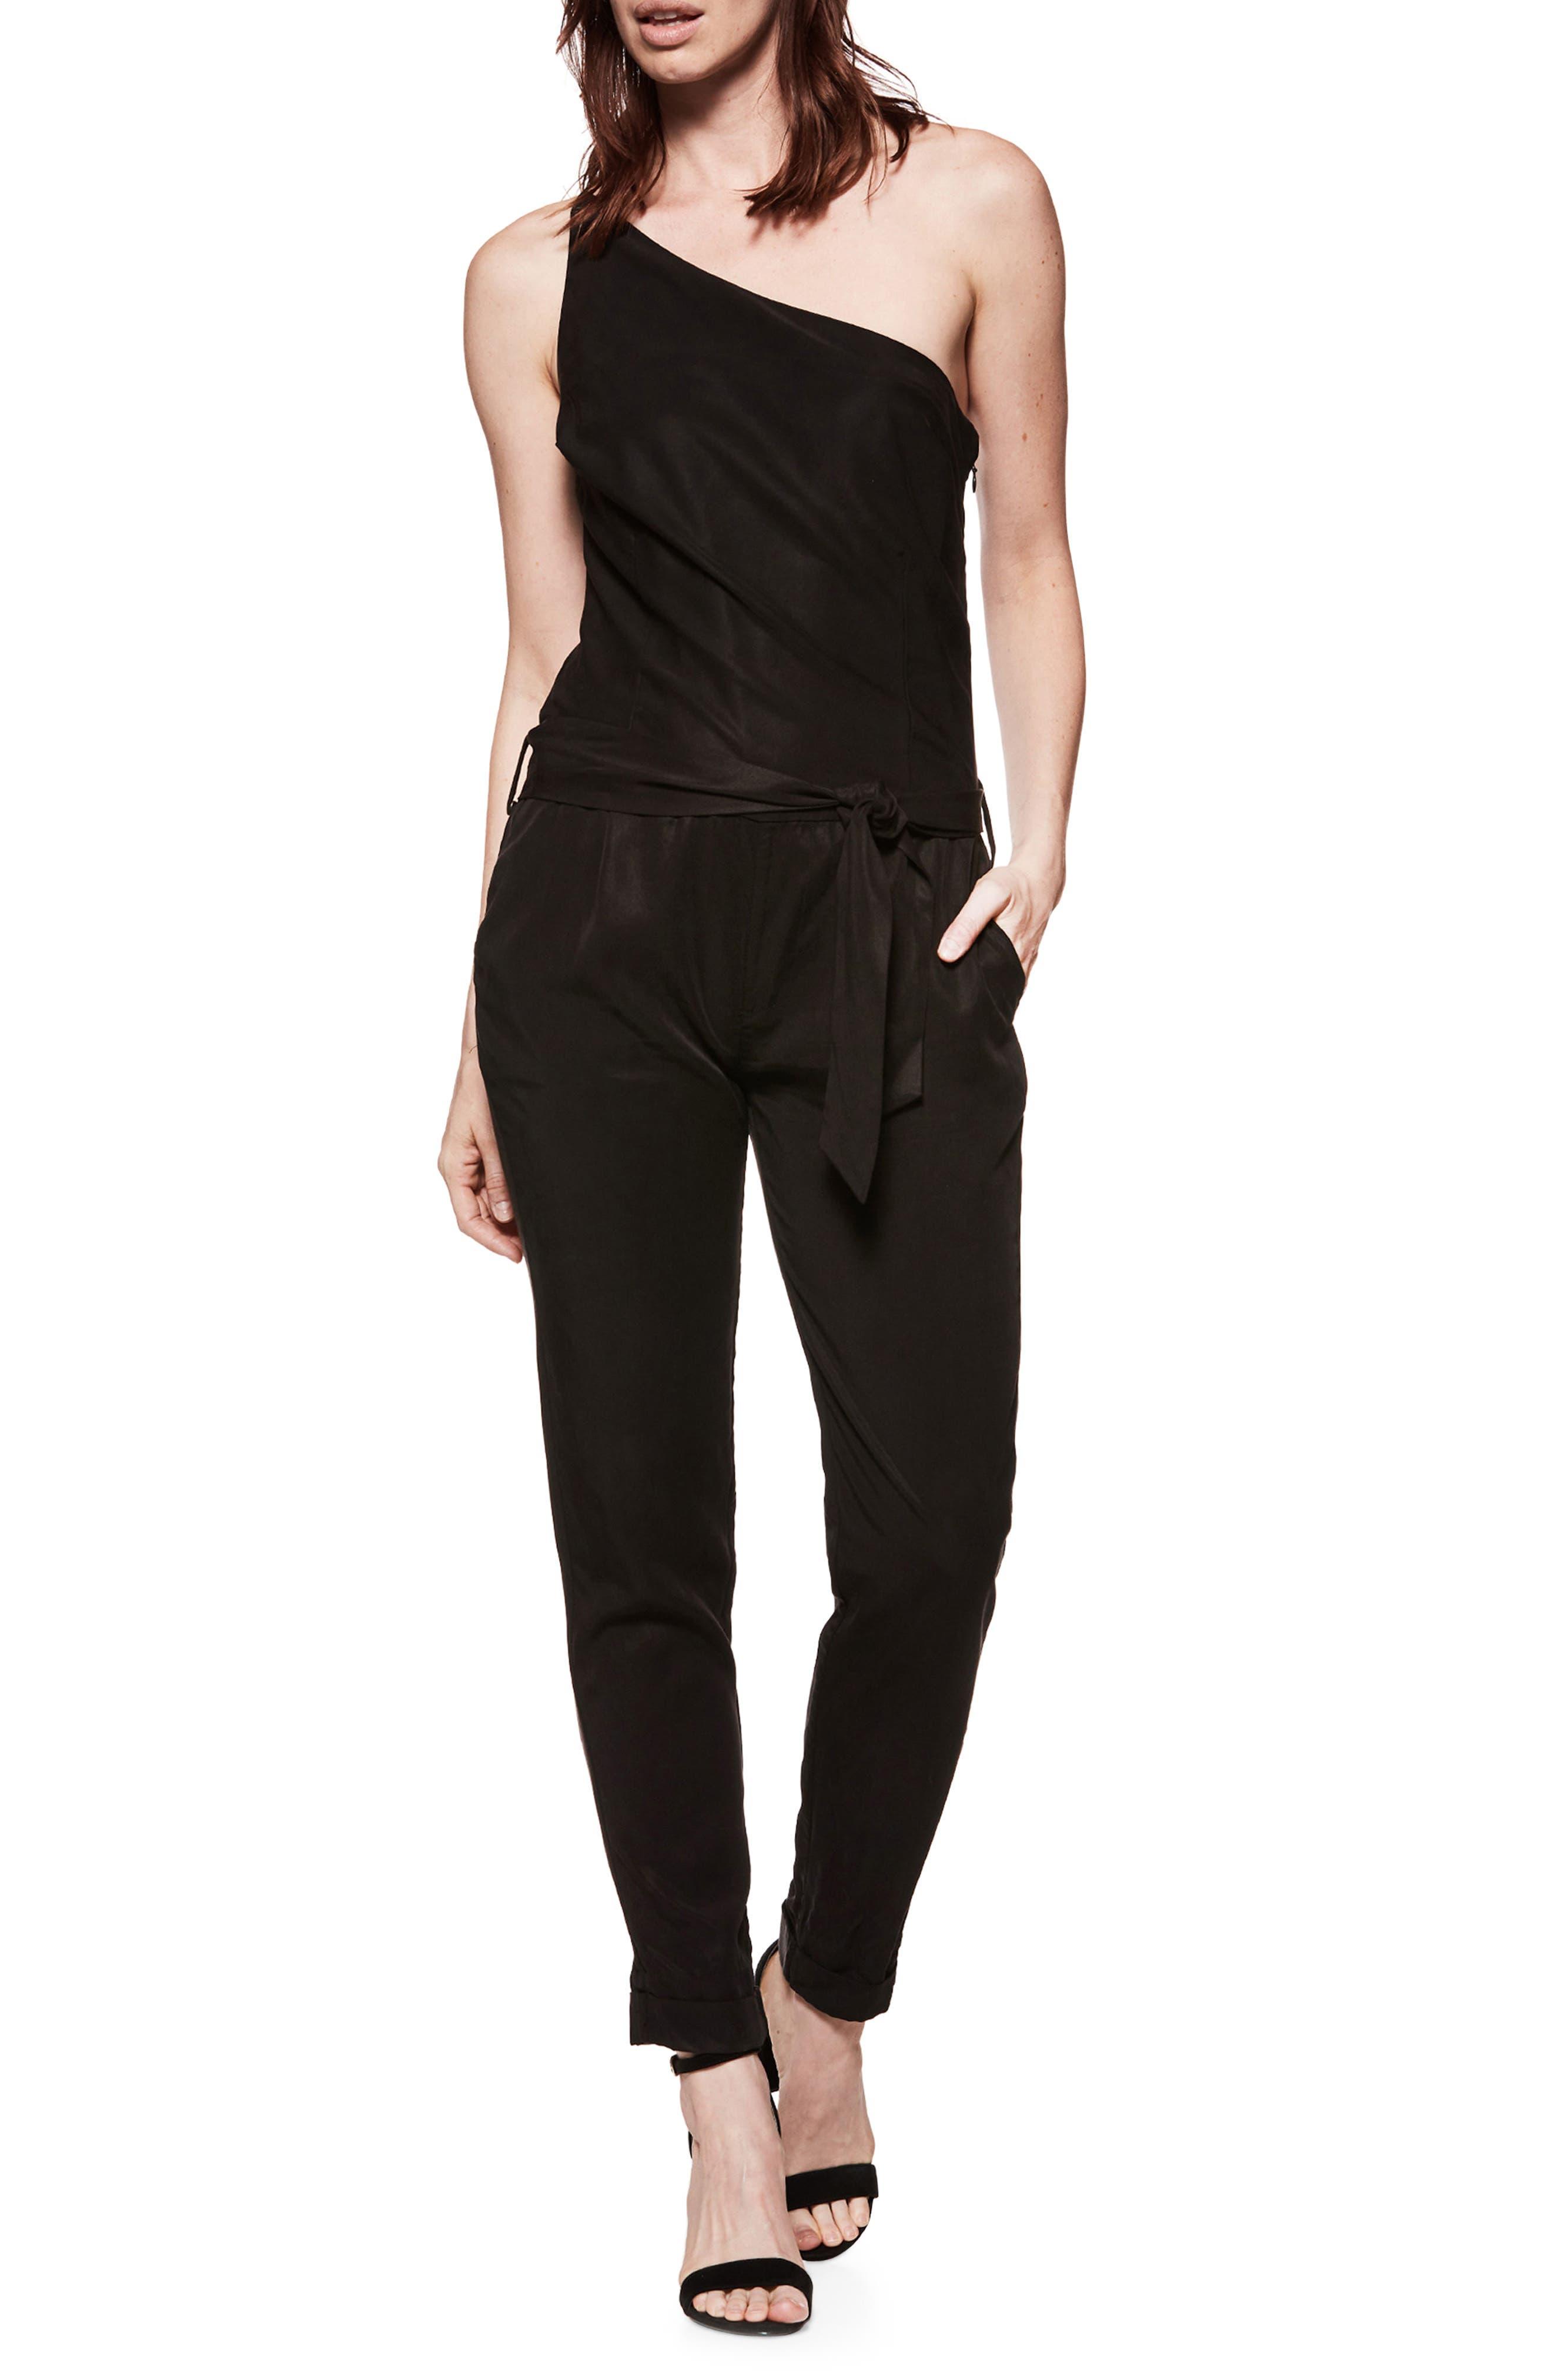 Maise One-Shoulder Jumpsuit,                         Main,                         color,